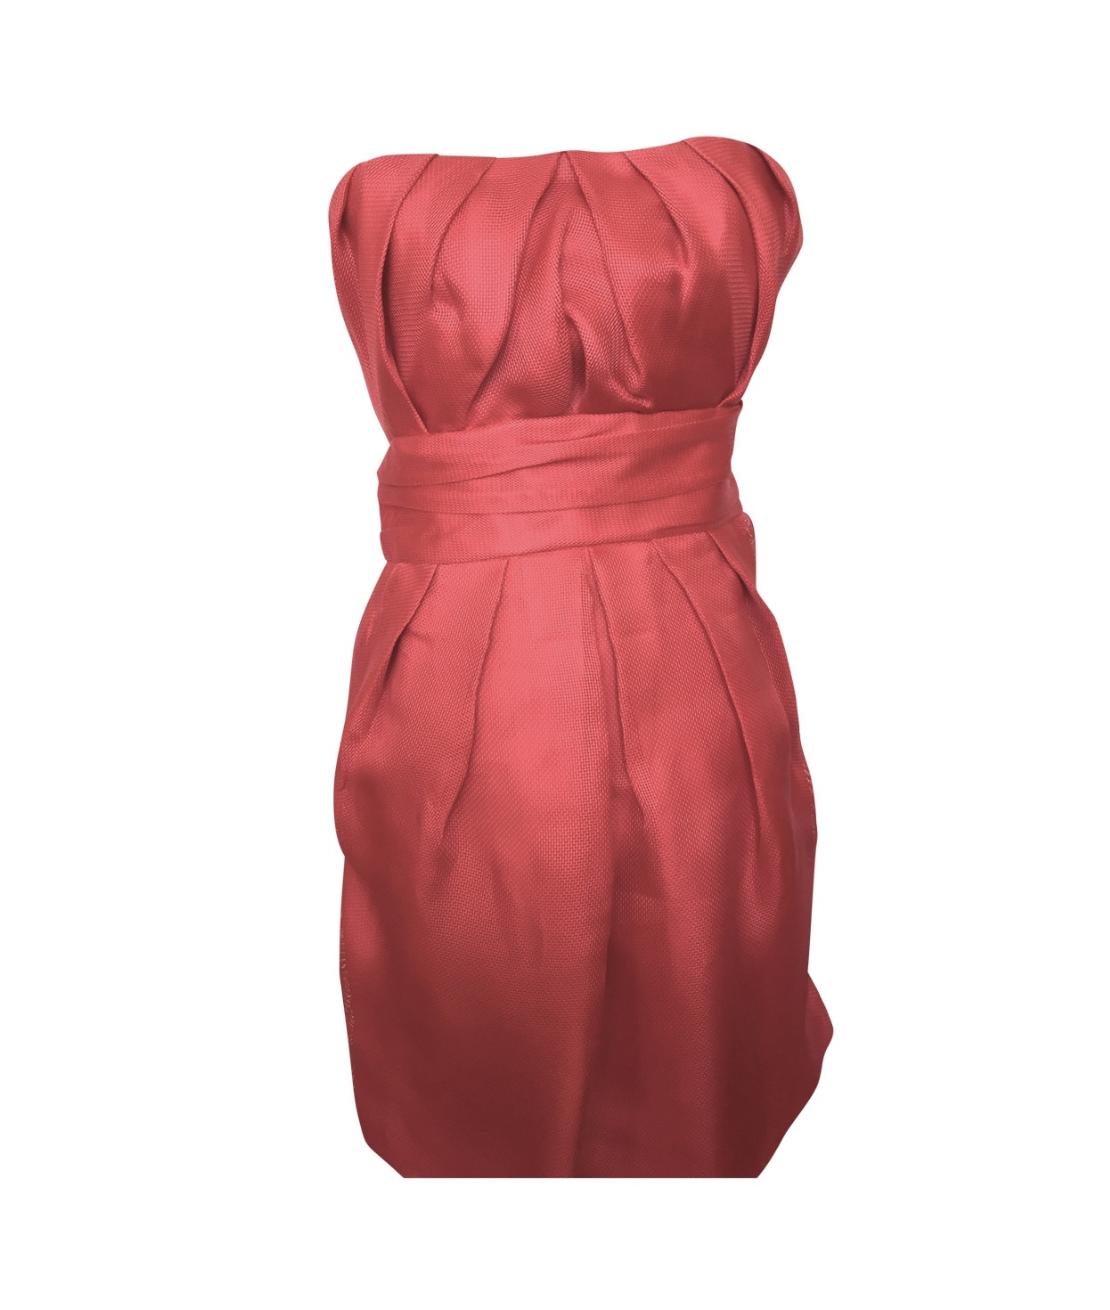 JAY AHR  Corsé Rojo Mini Dres  calidad de primera clase